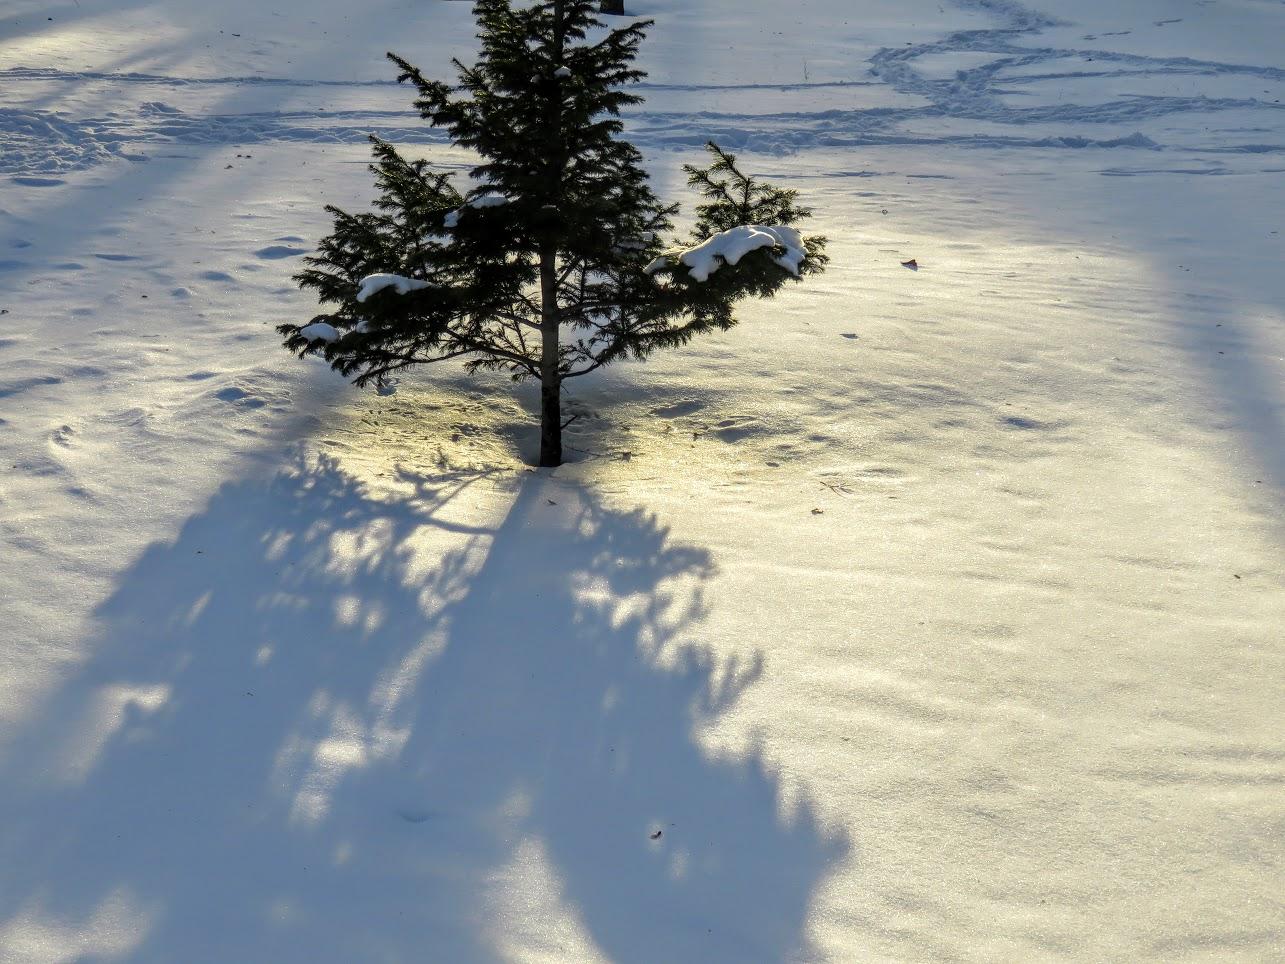 Розовый снежноягодник, снегири и другие прелести дня. Мой Мурыч с утра) IMG 2683